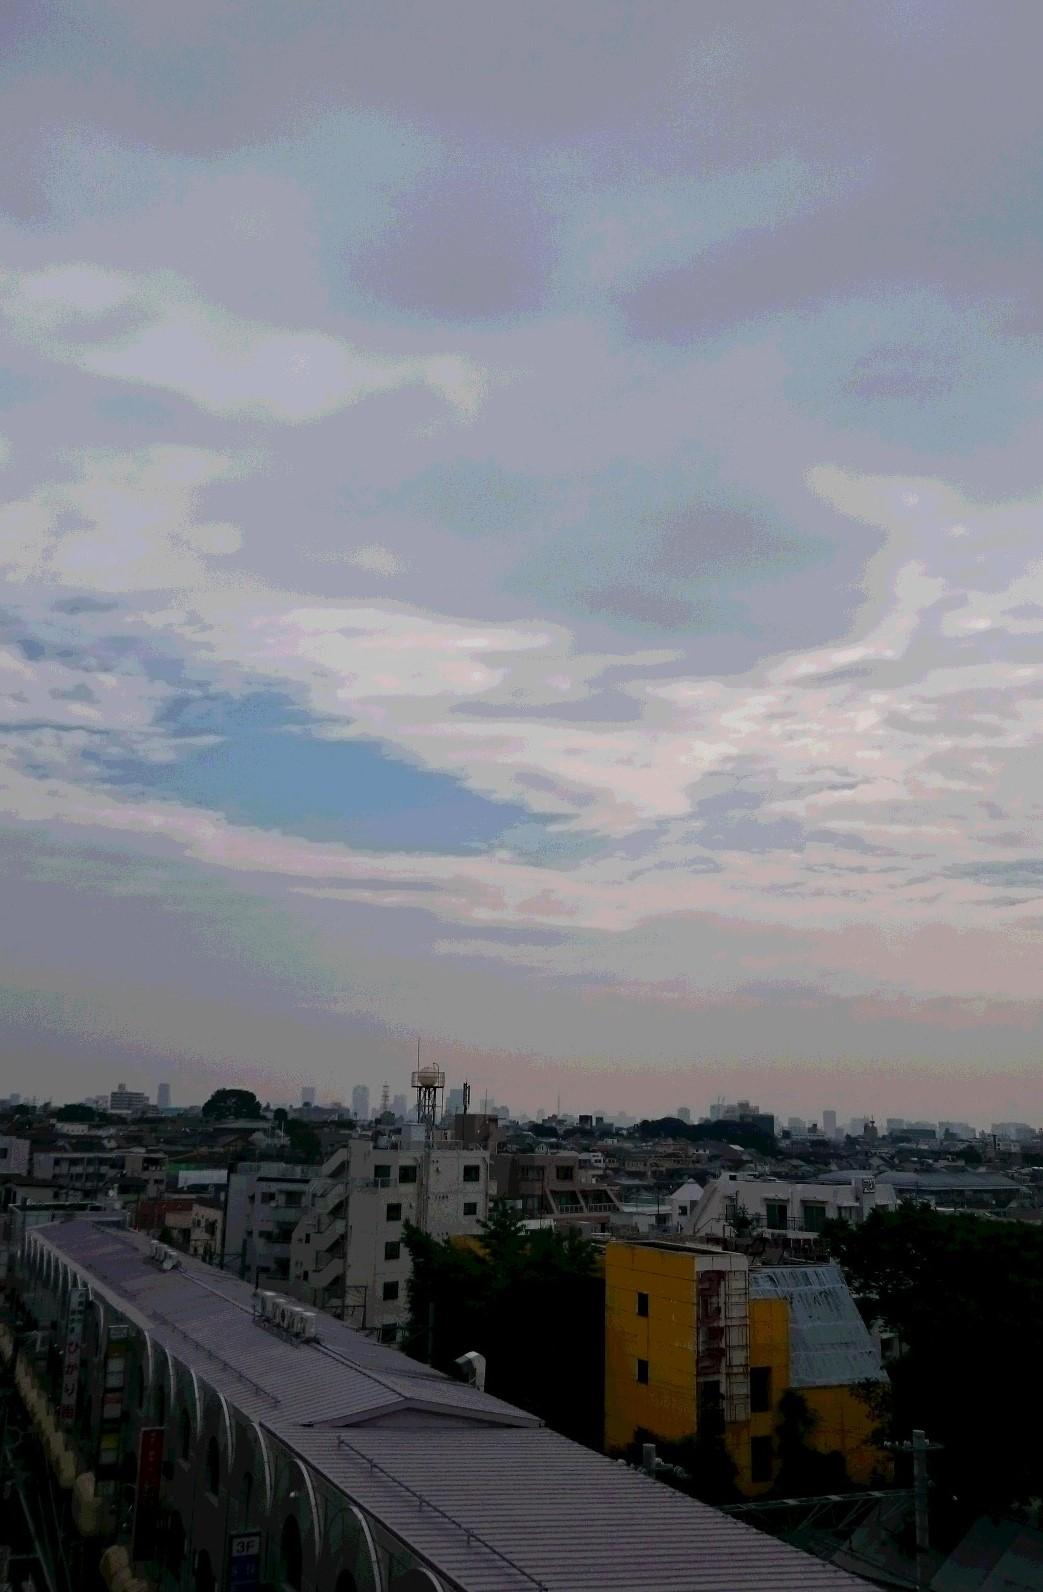 梅雨の合間に_d0155439_18304043.jpg